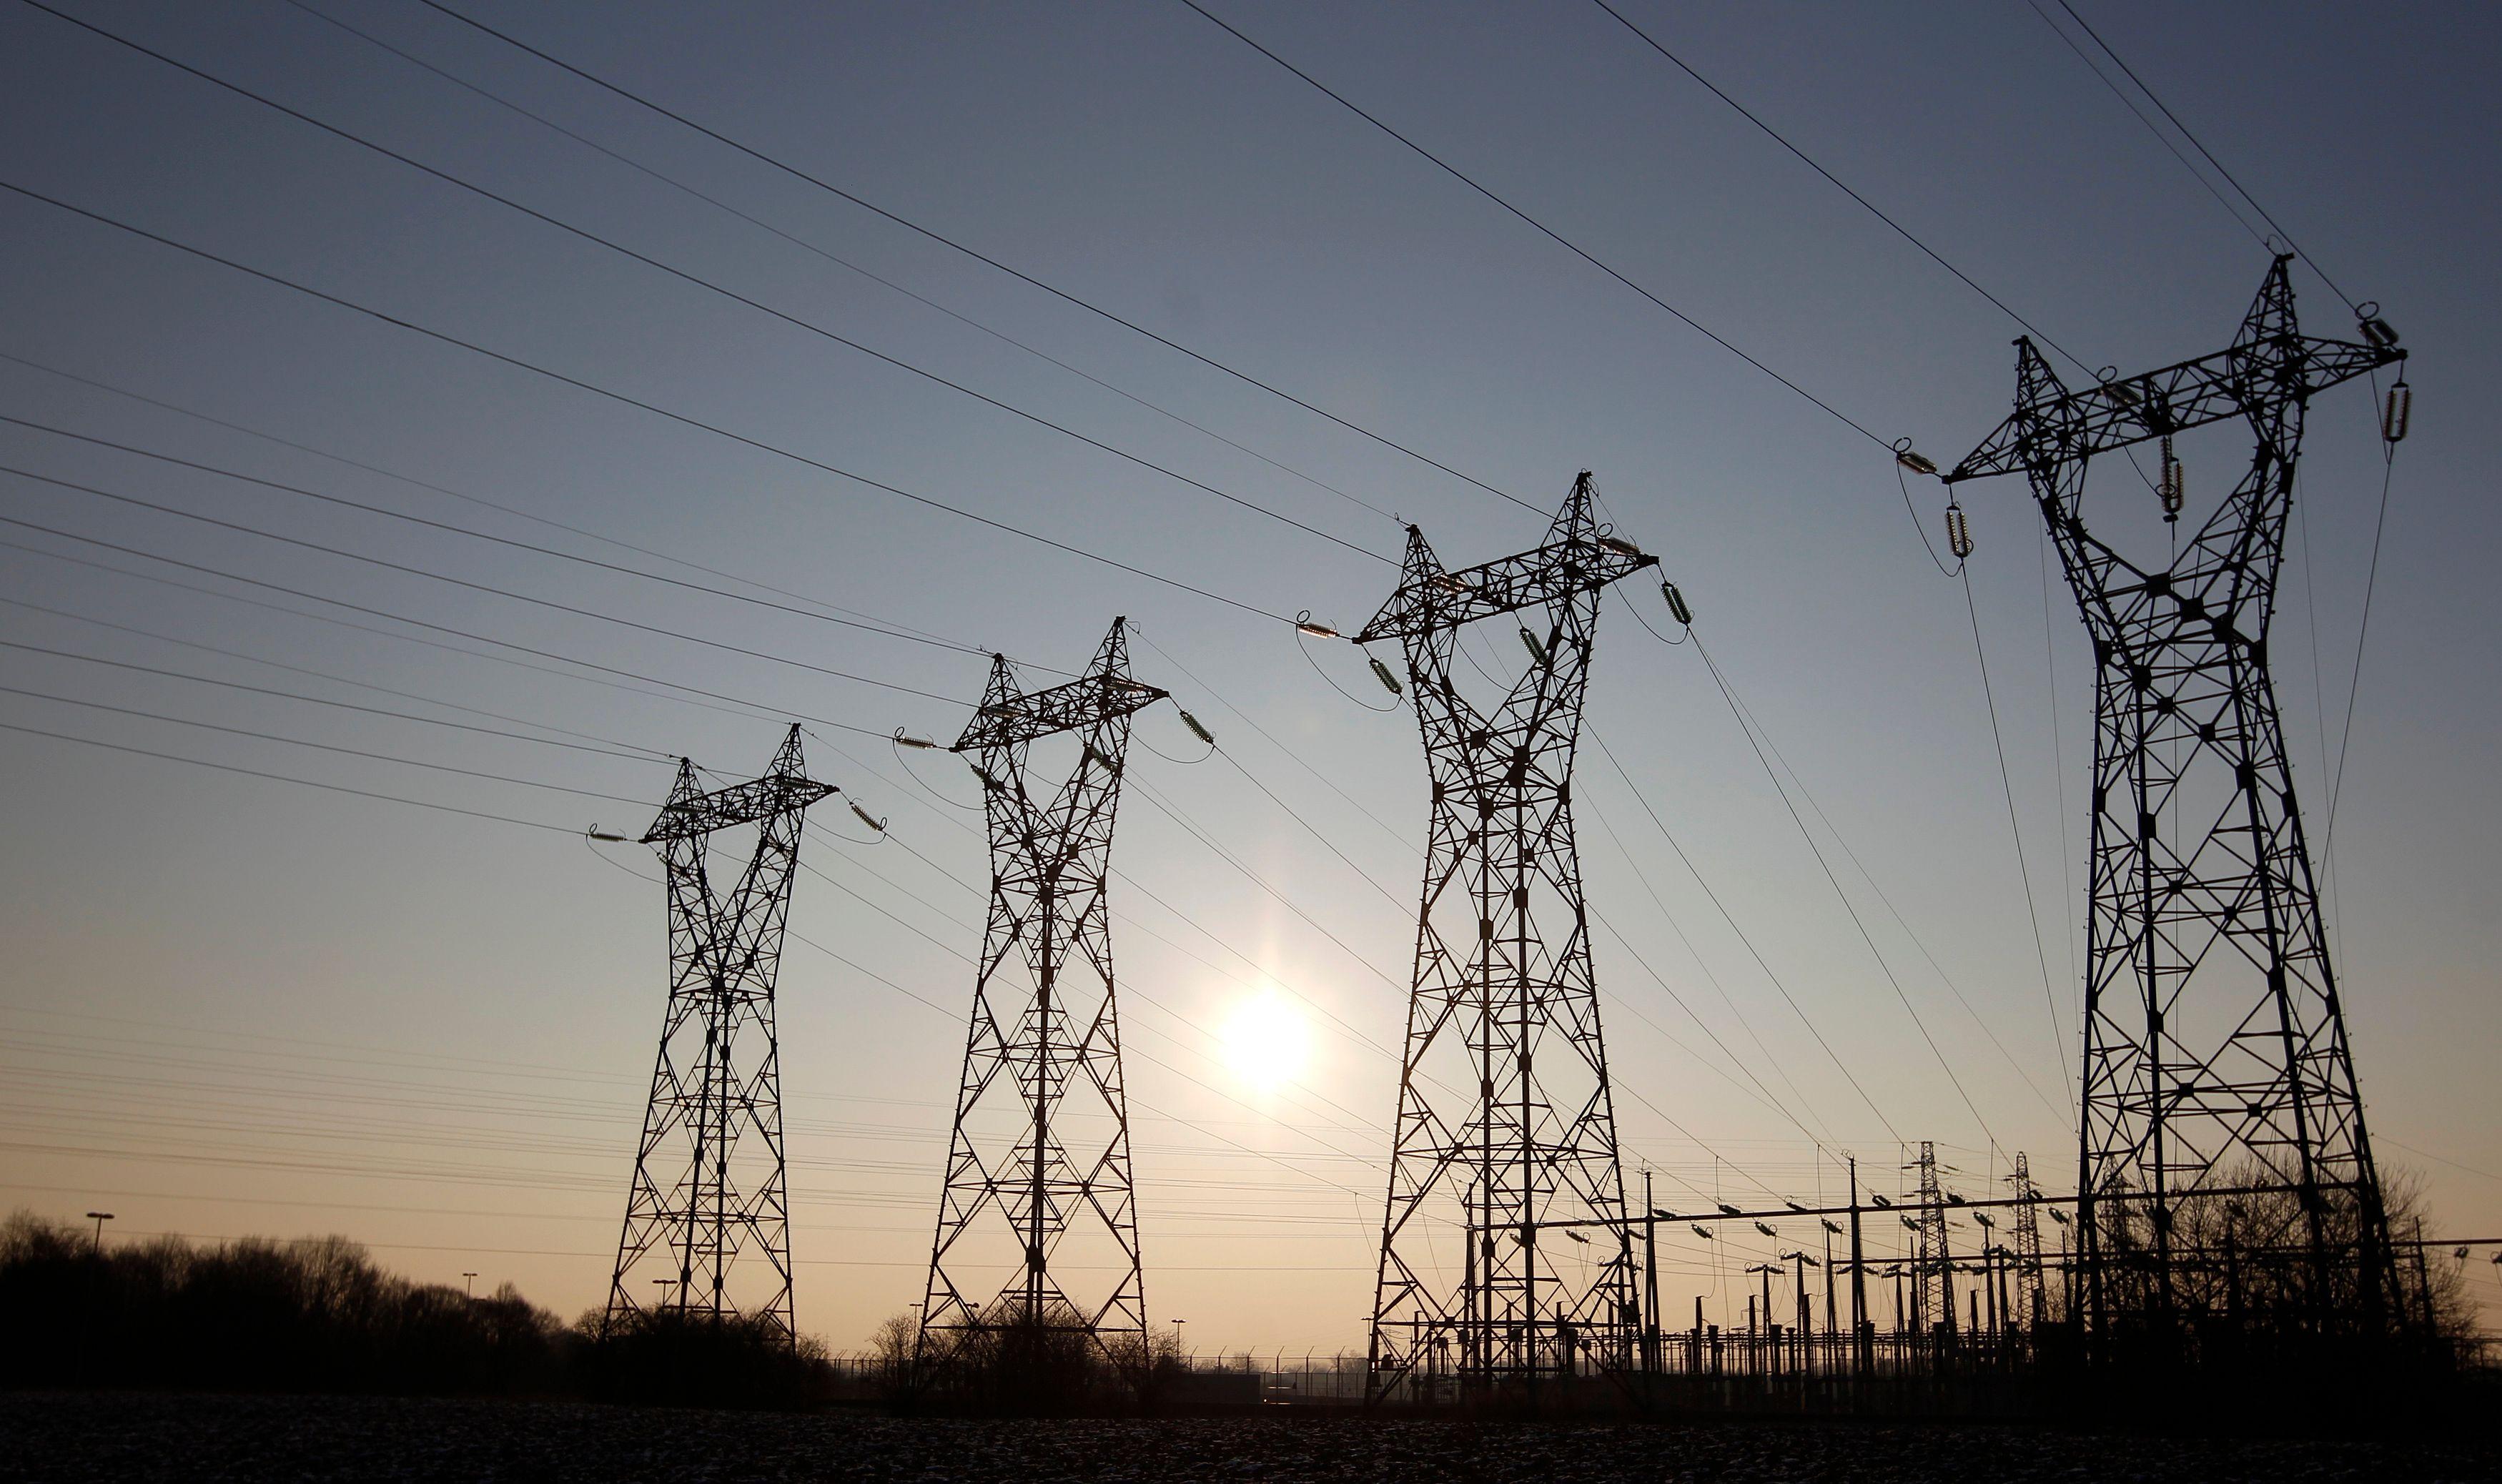 Les tarifs de l'électricté devraient augmenter de 6,8% à 9,6% cet été